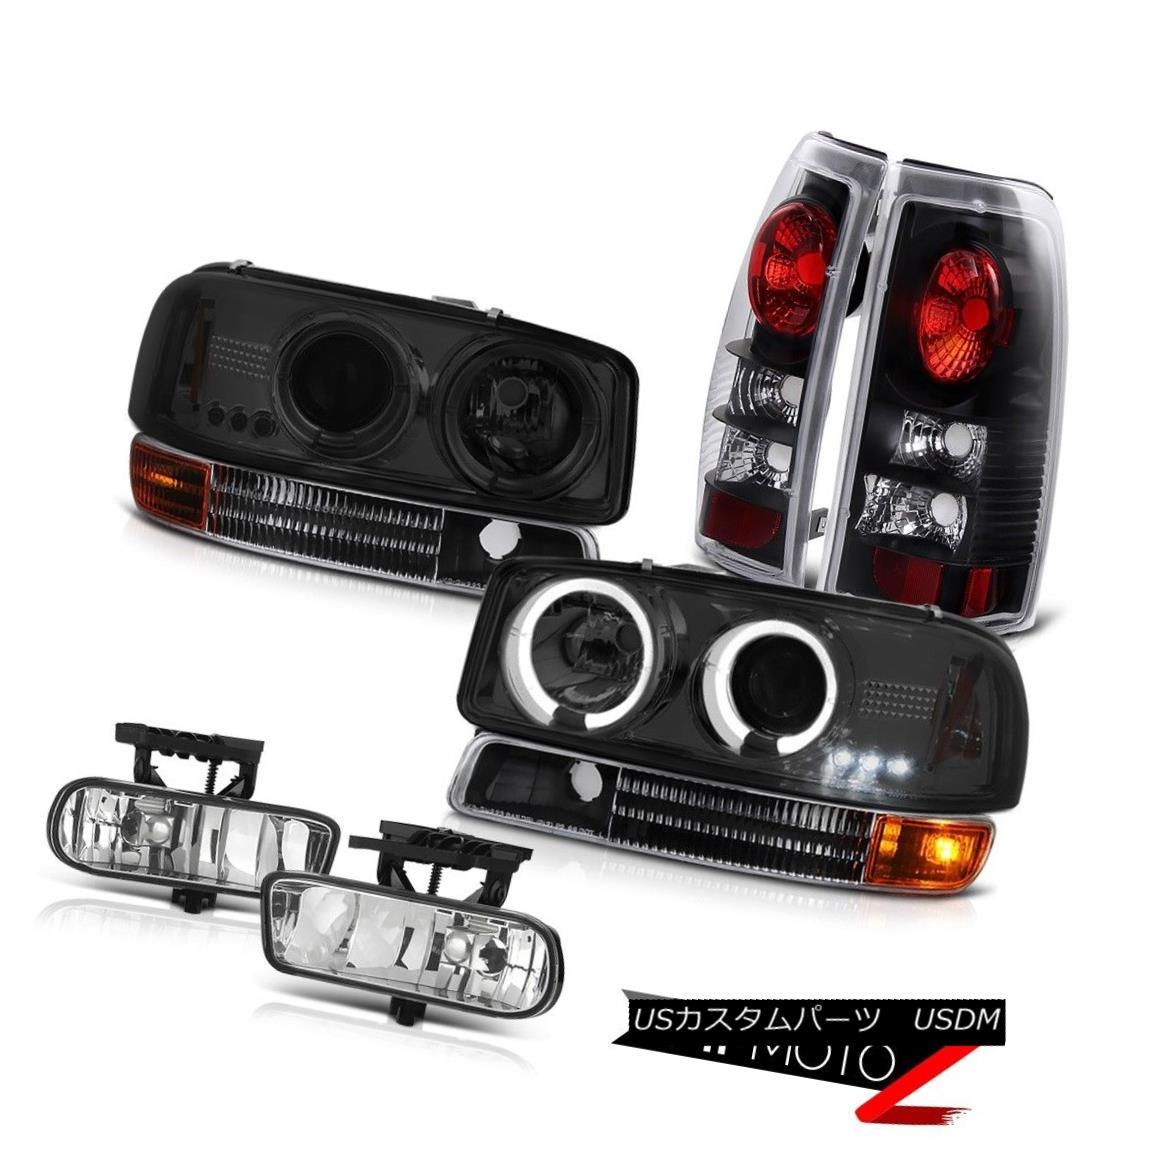 ヘッドライト Projector Headlights Smoke Bumper Signal Tail Lights Chrome Fog 99-03 GMC Sierra プロジェクターヘッドライトスモークバンパー信号テールライトクロムフォグ99-03 GMC Sierra